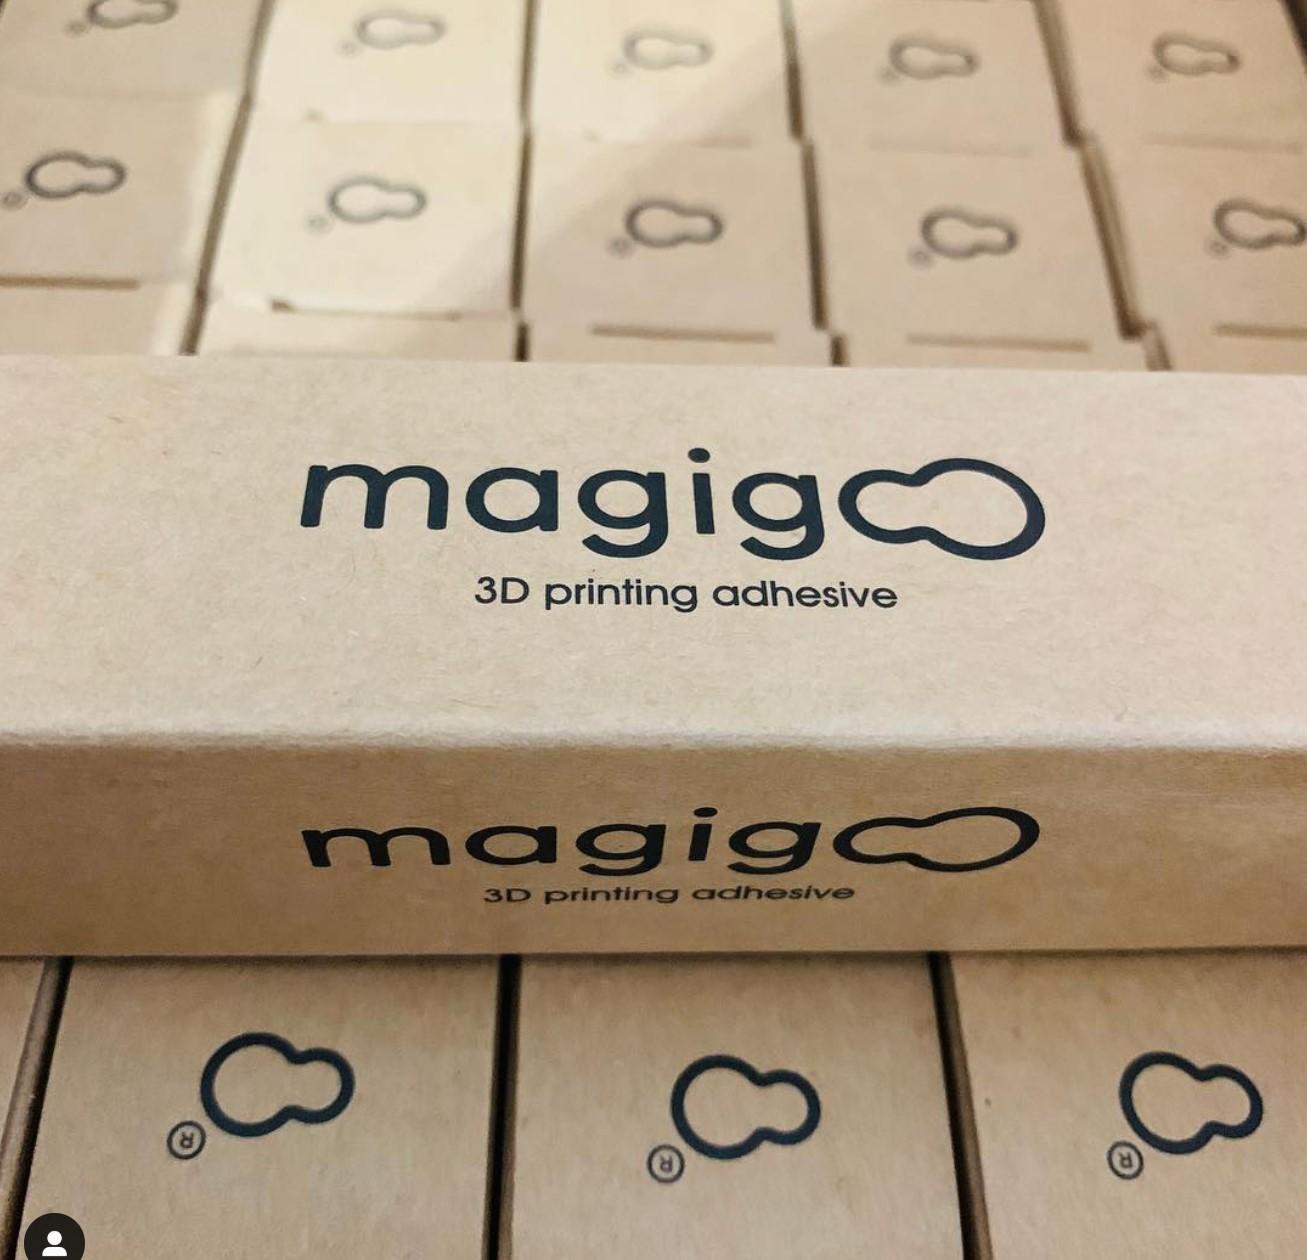 Endlich, die neue Lieferung Magigoo ist angekommen.